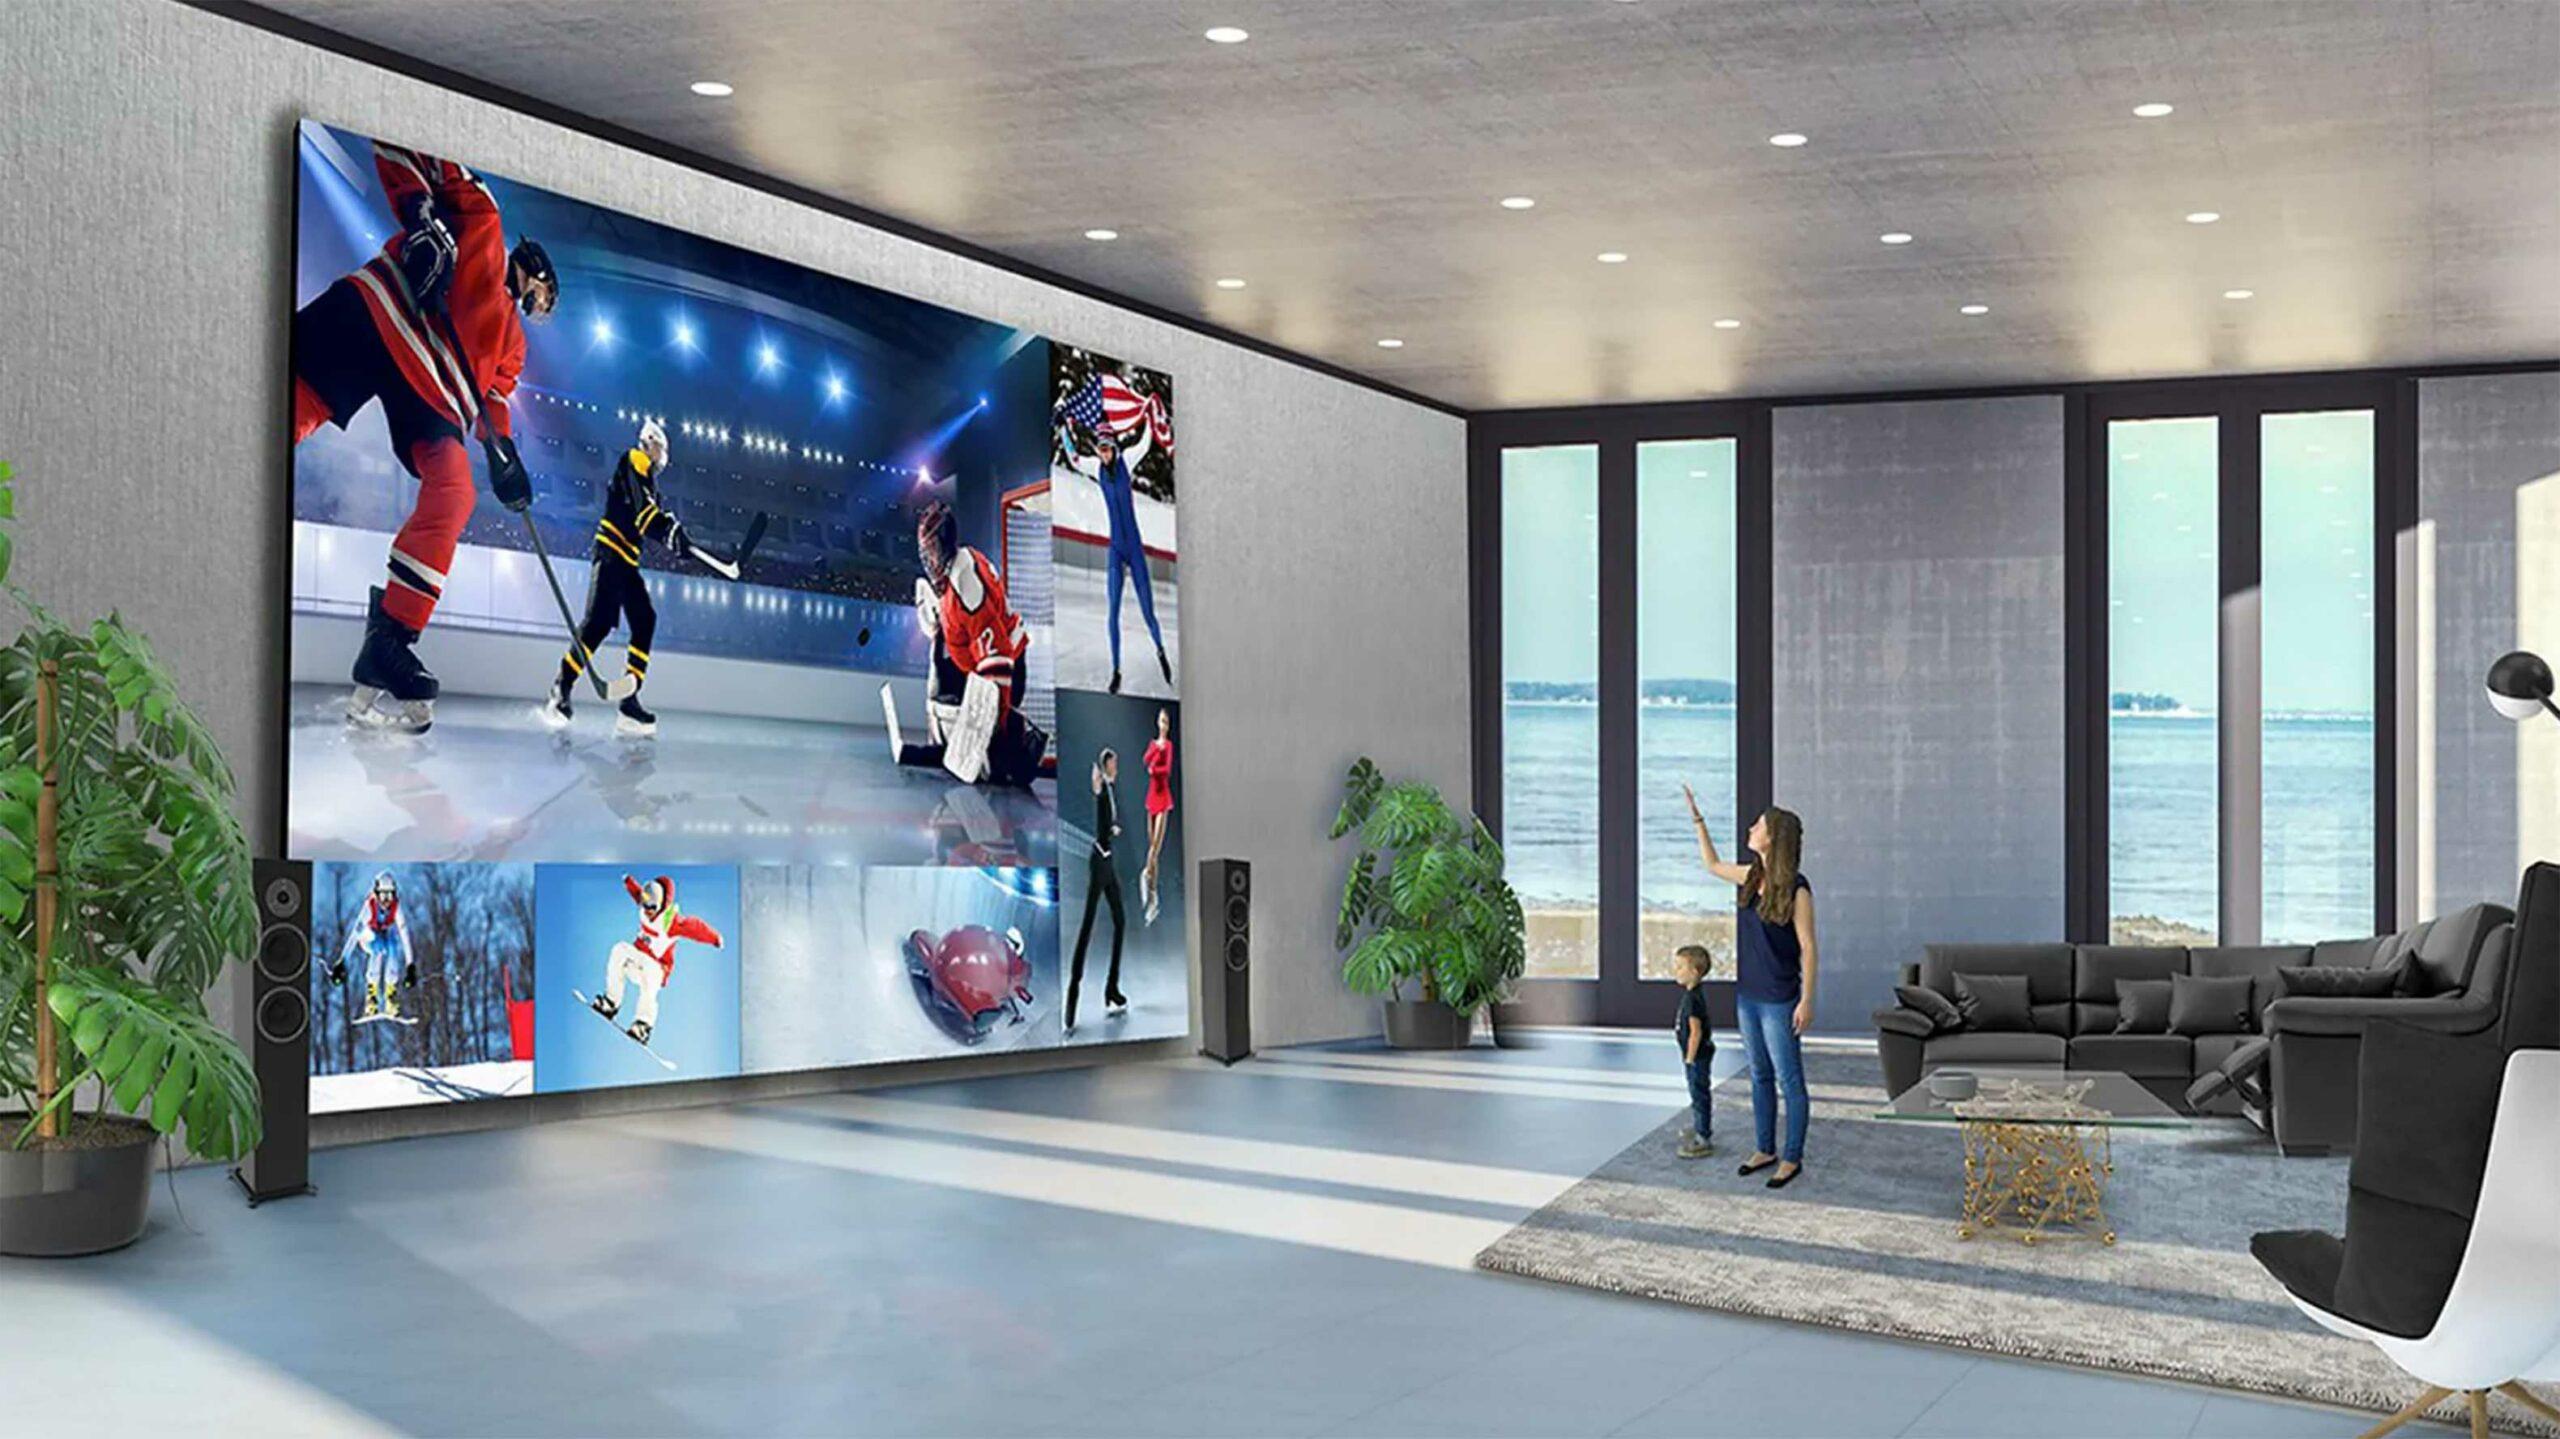 LG DVLED TV